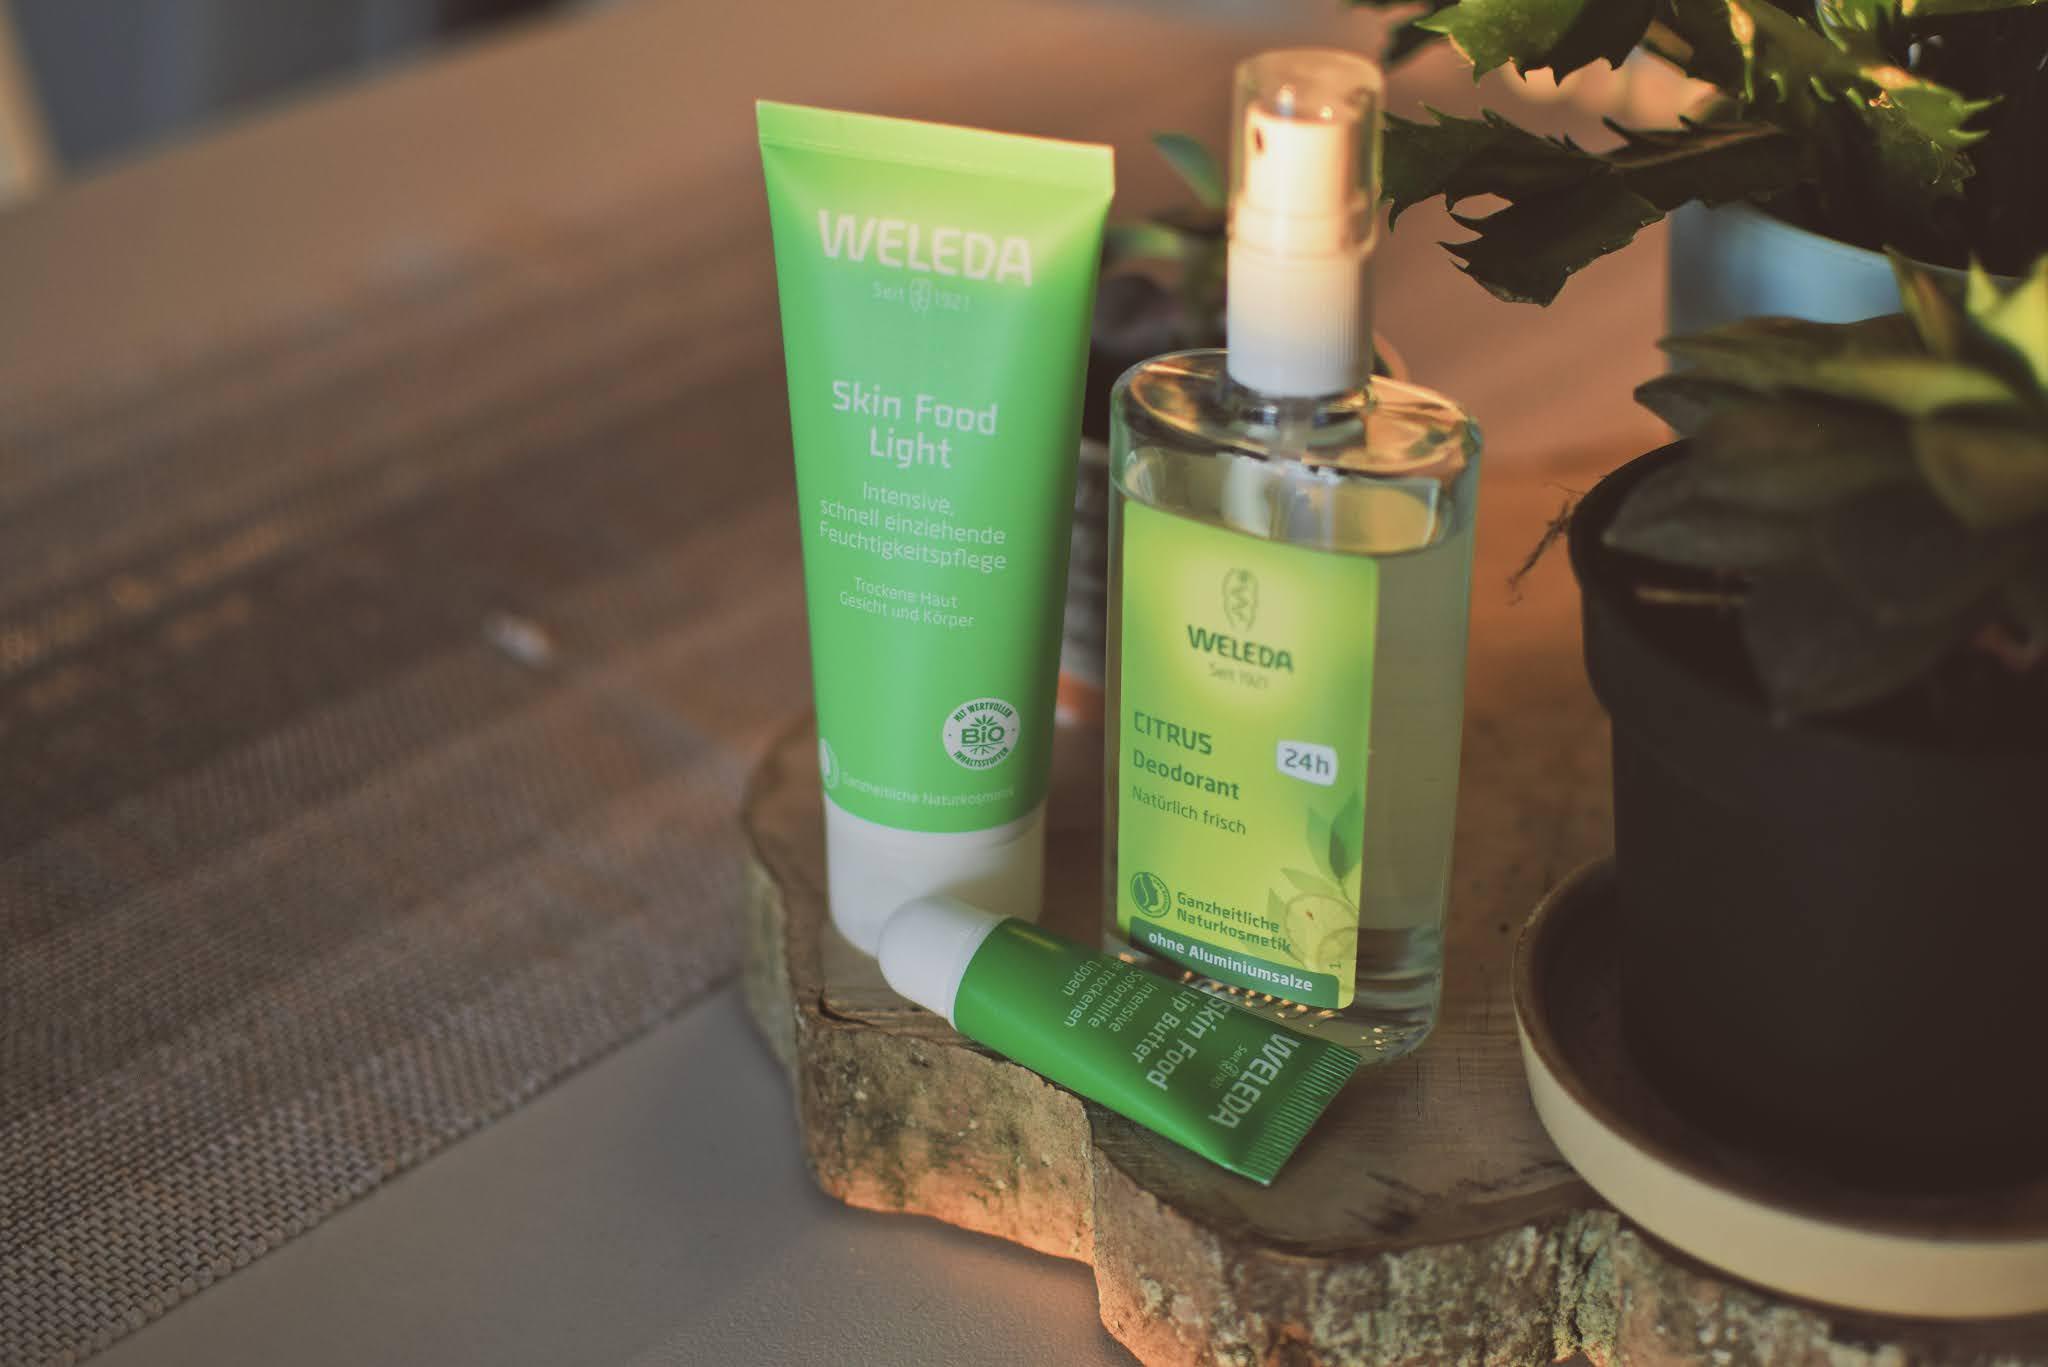 balsamdoust,kosmetyki,kremdorąk,weleda,agencjablogmedia,cytrus,perfumcytrusowy,dezodorant